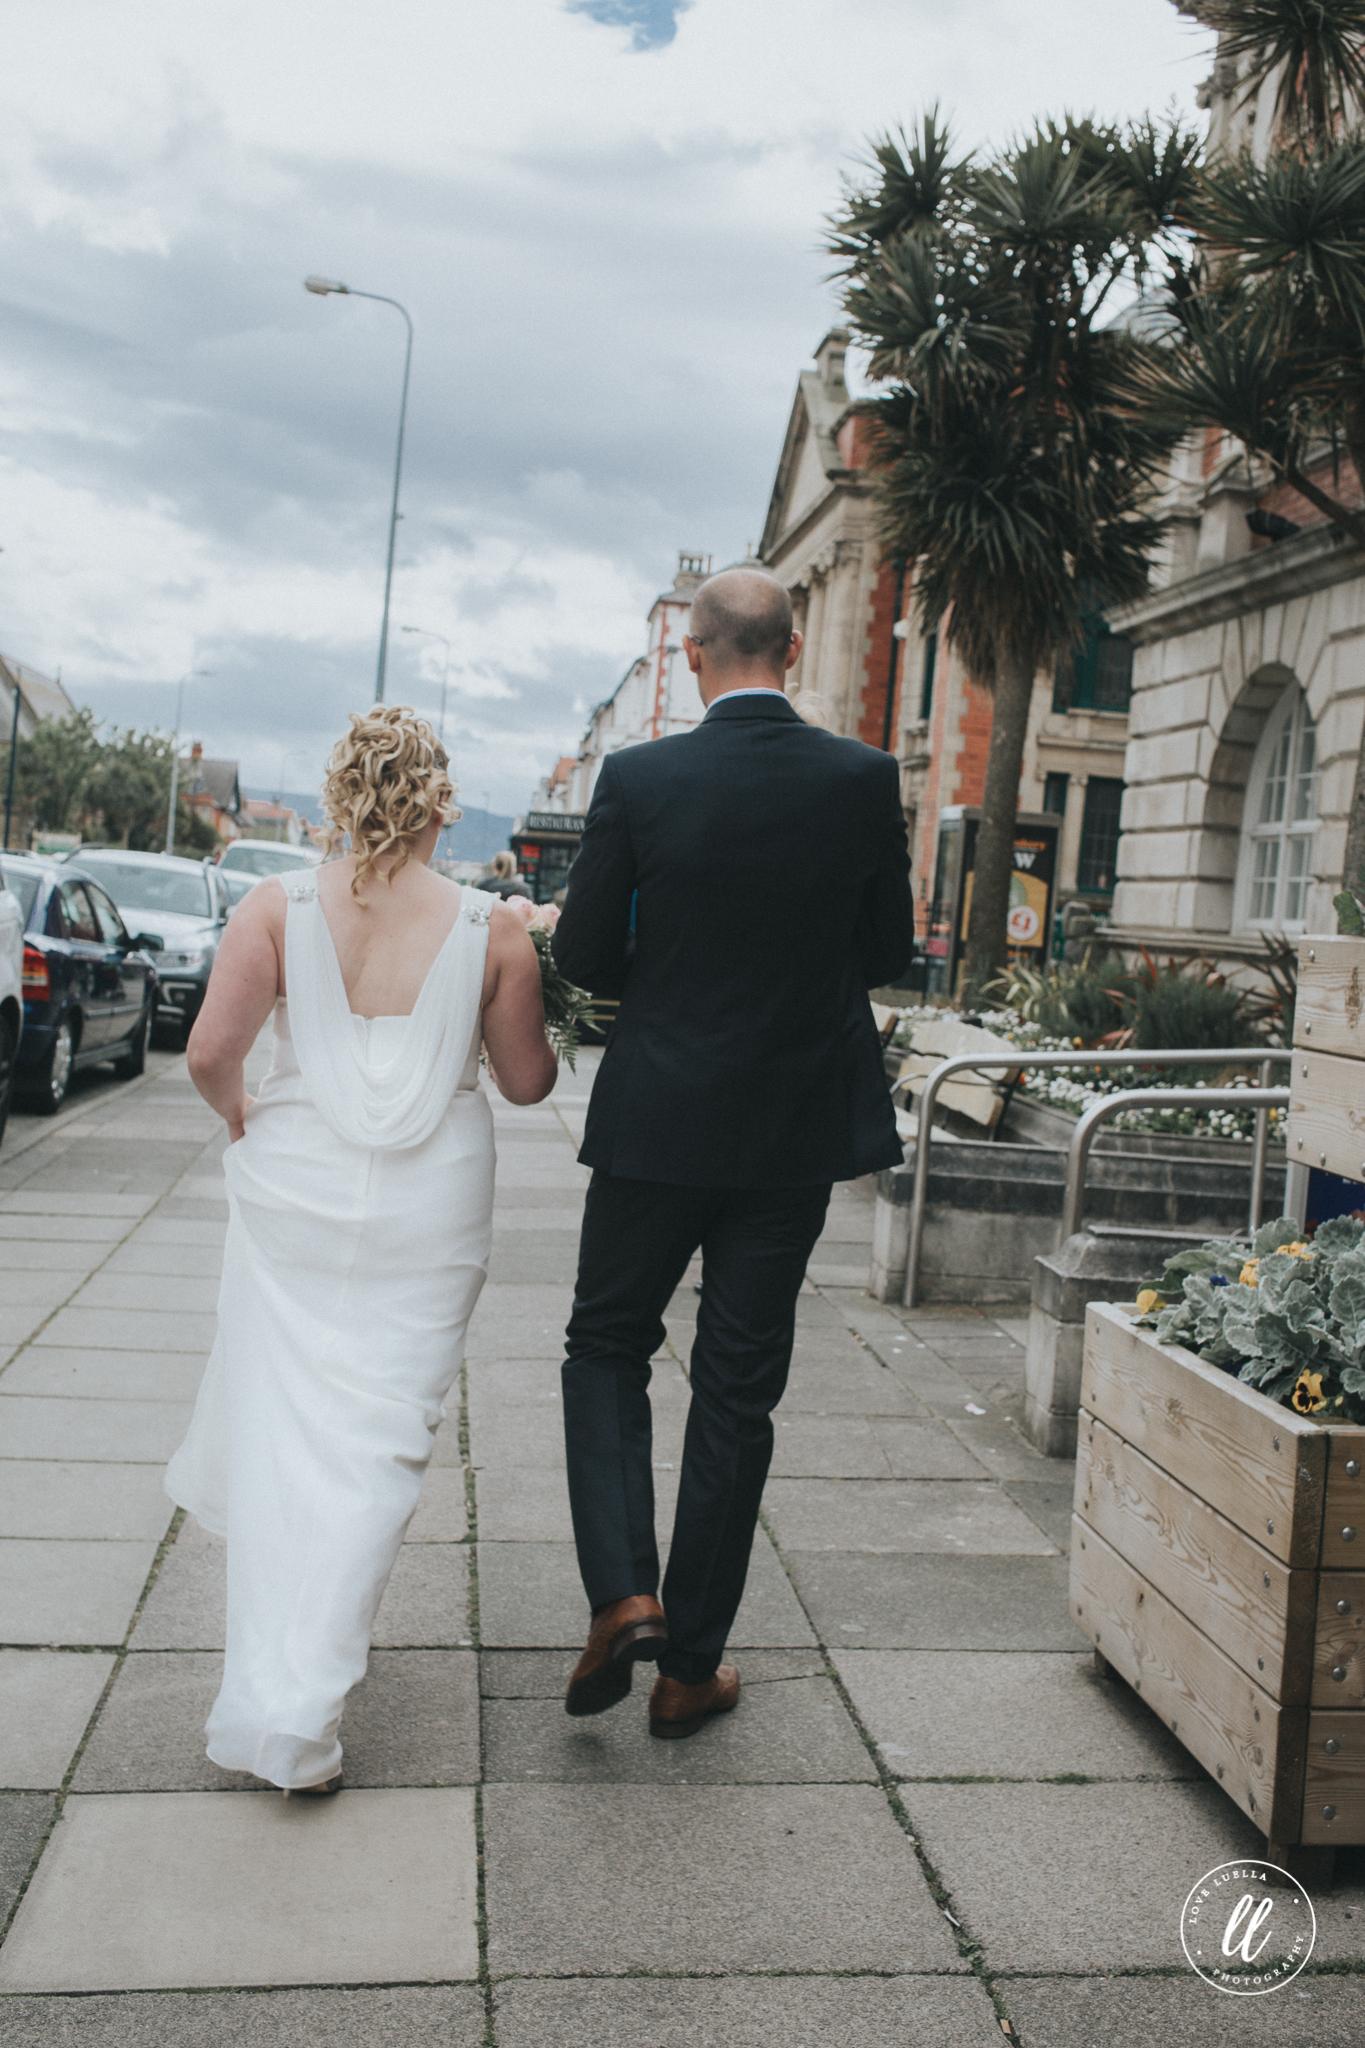 The bride, groom and their son walk through llandudno town